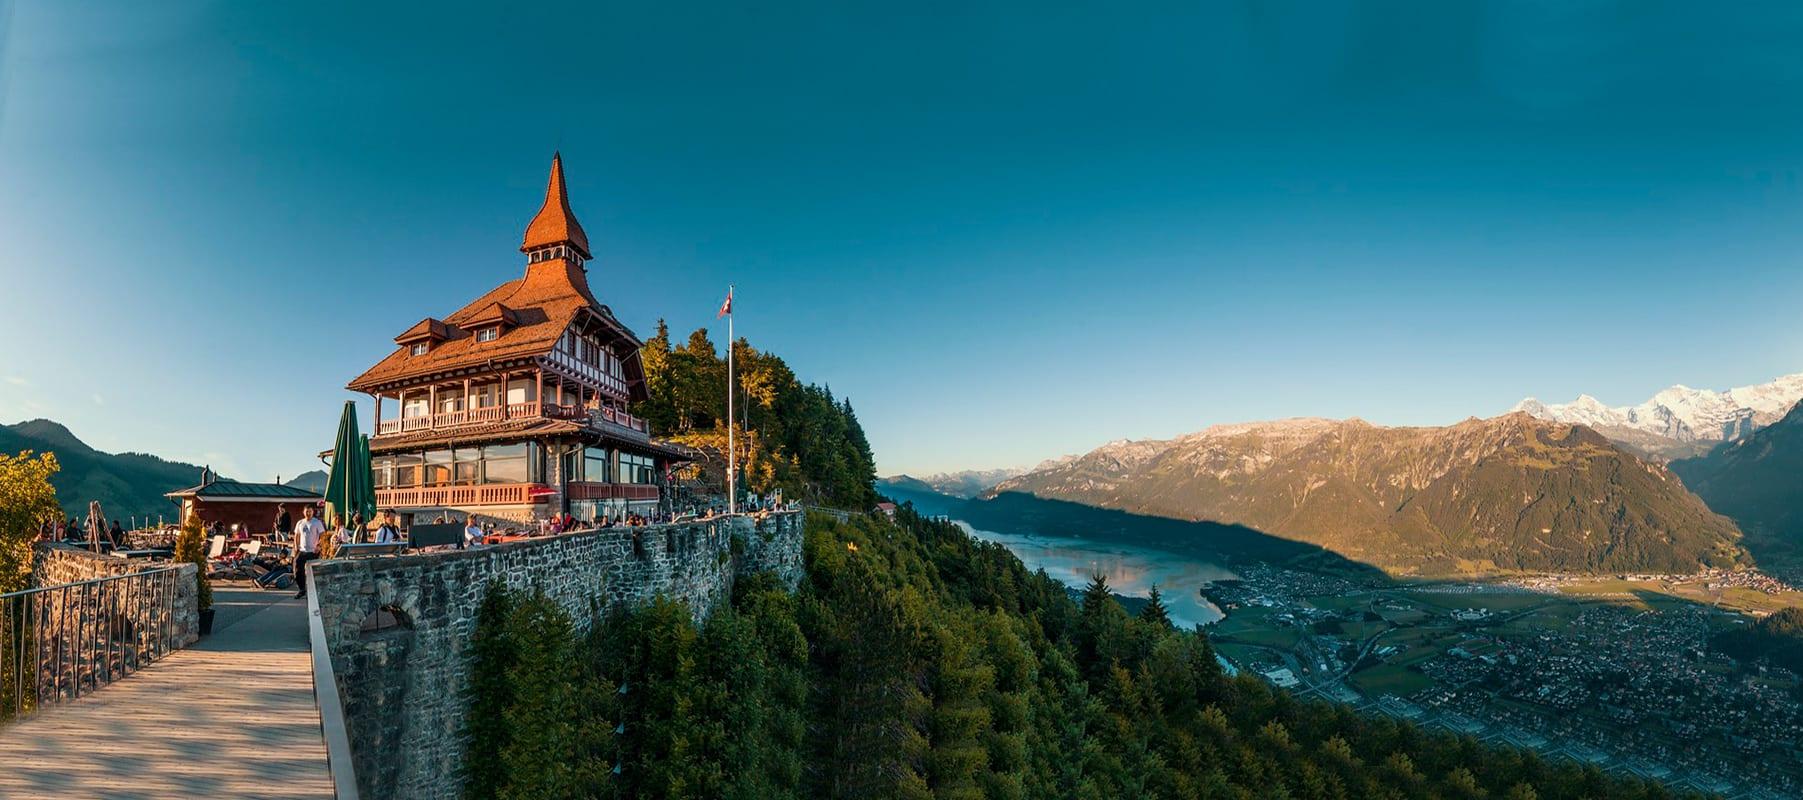 Relato de minha viagem para Interlaken